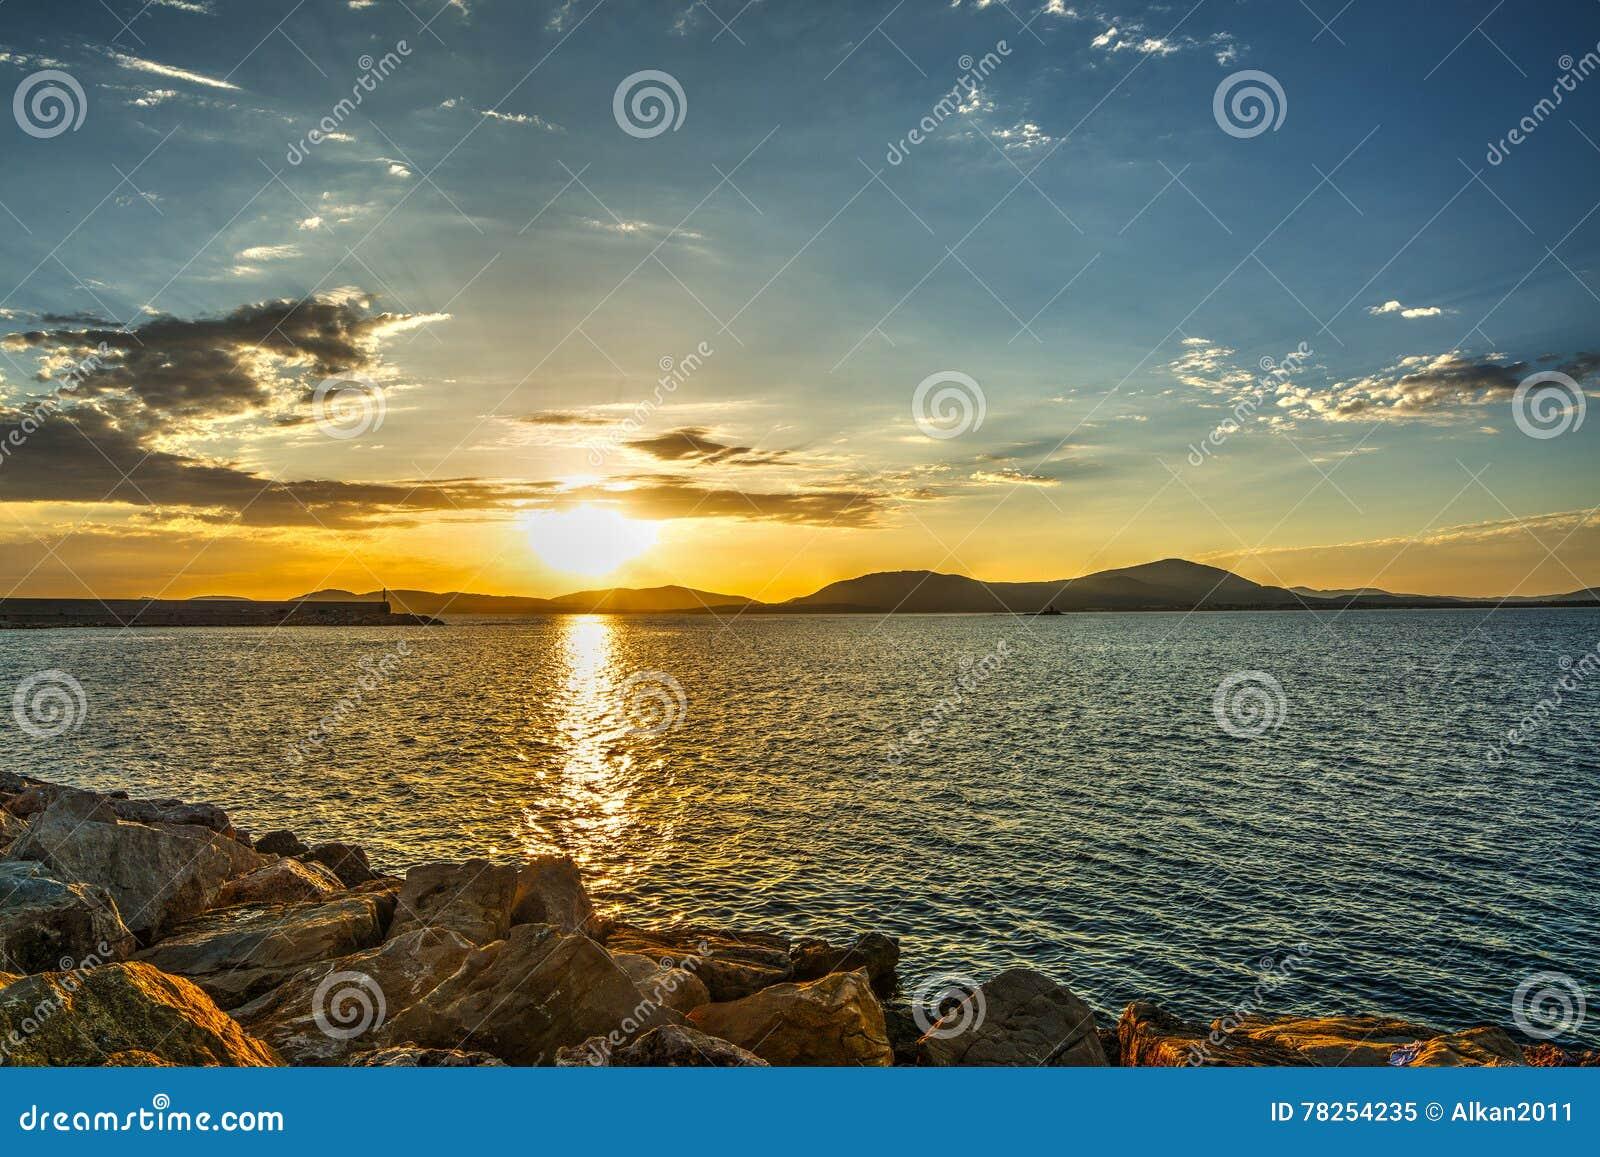 Ζωηρόχρωμο ηλιοβασίλεμα στο λιμάνι Alghero